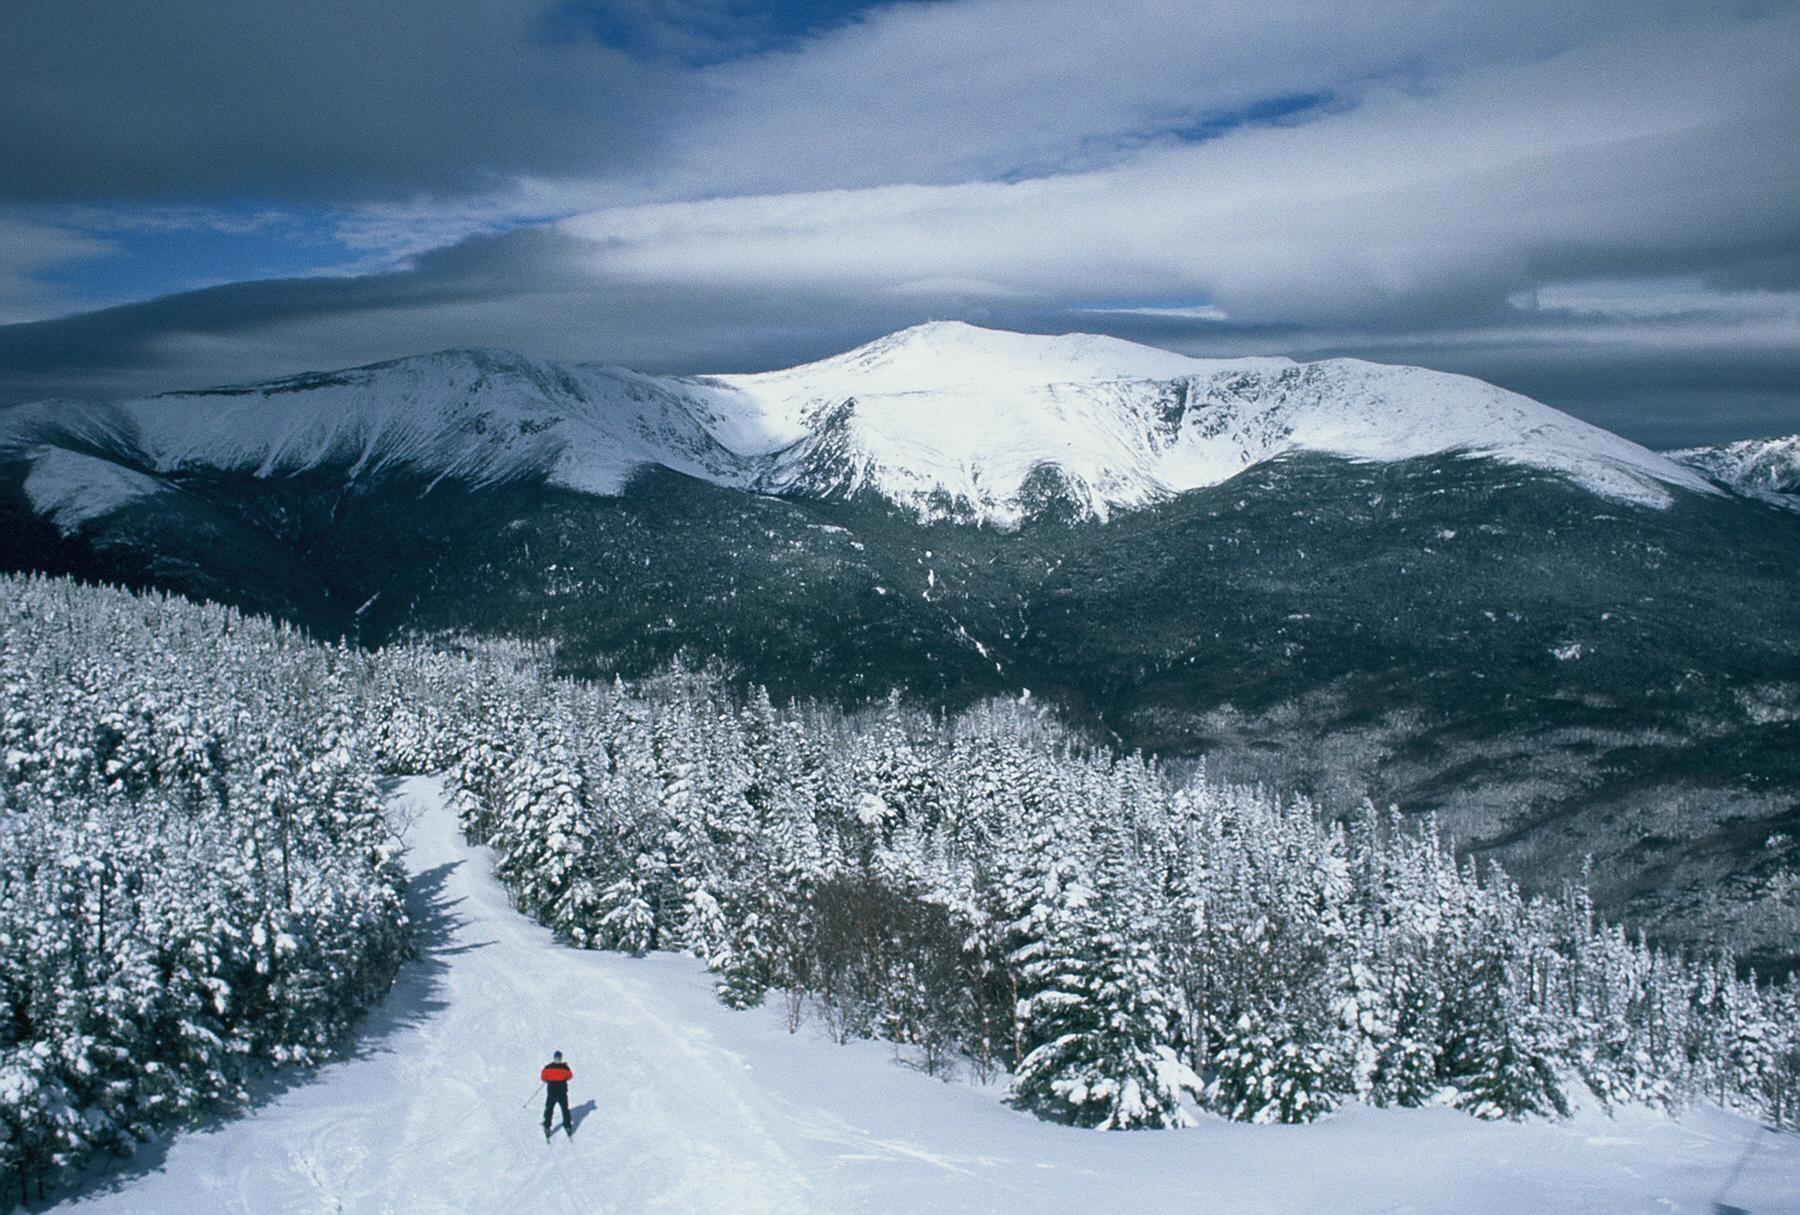 Snow and Ski Mountain